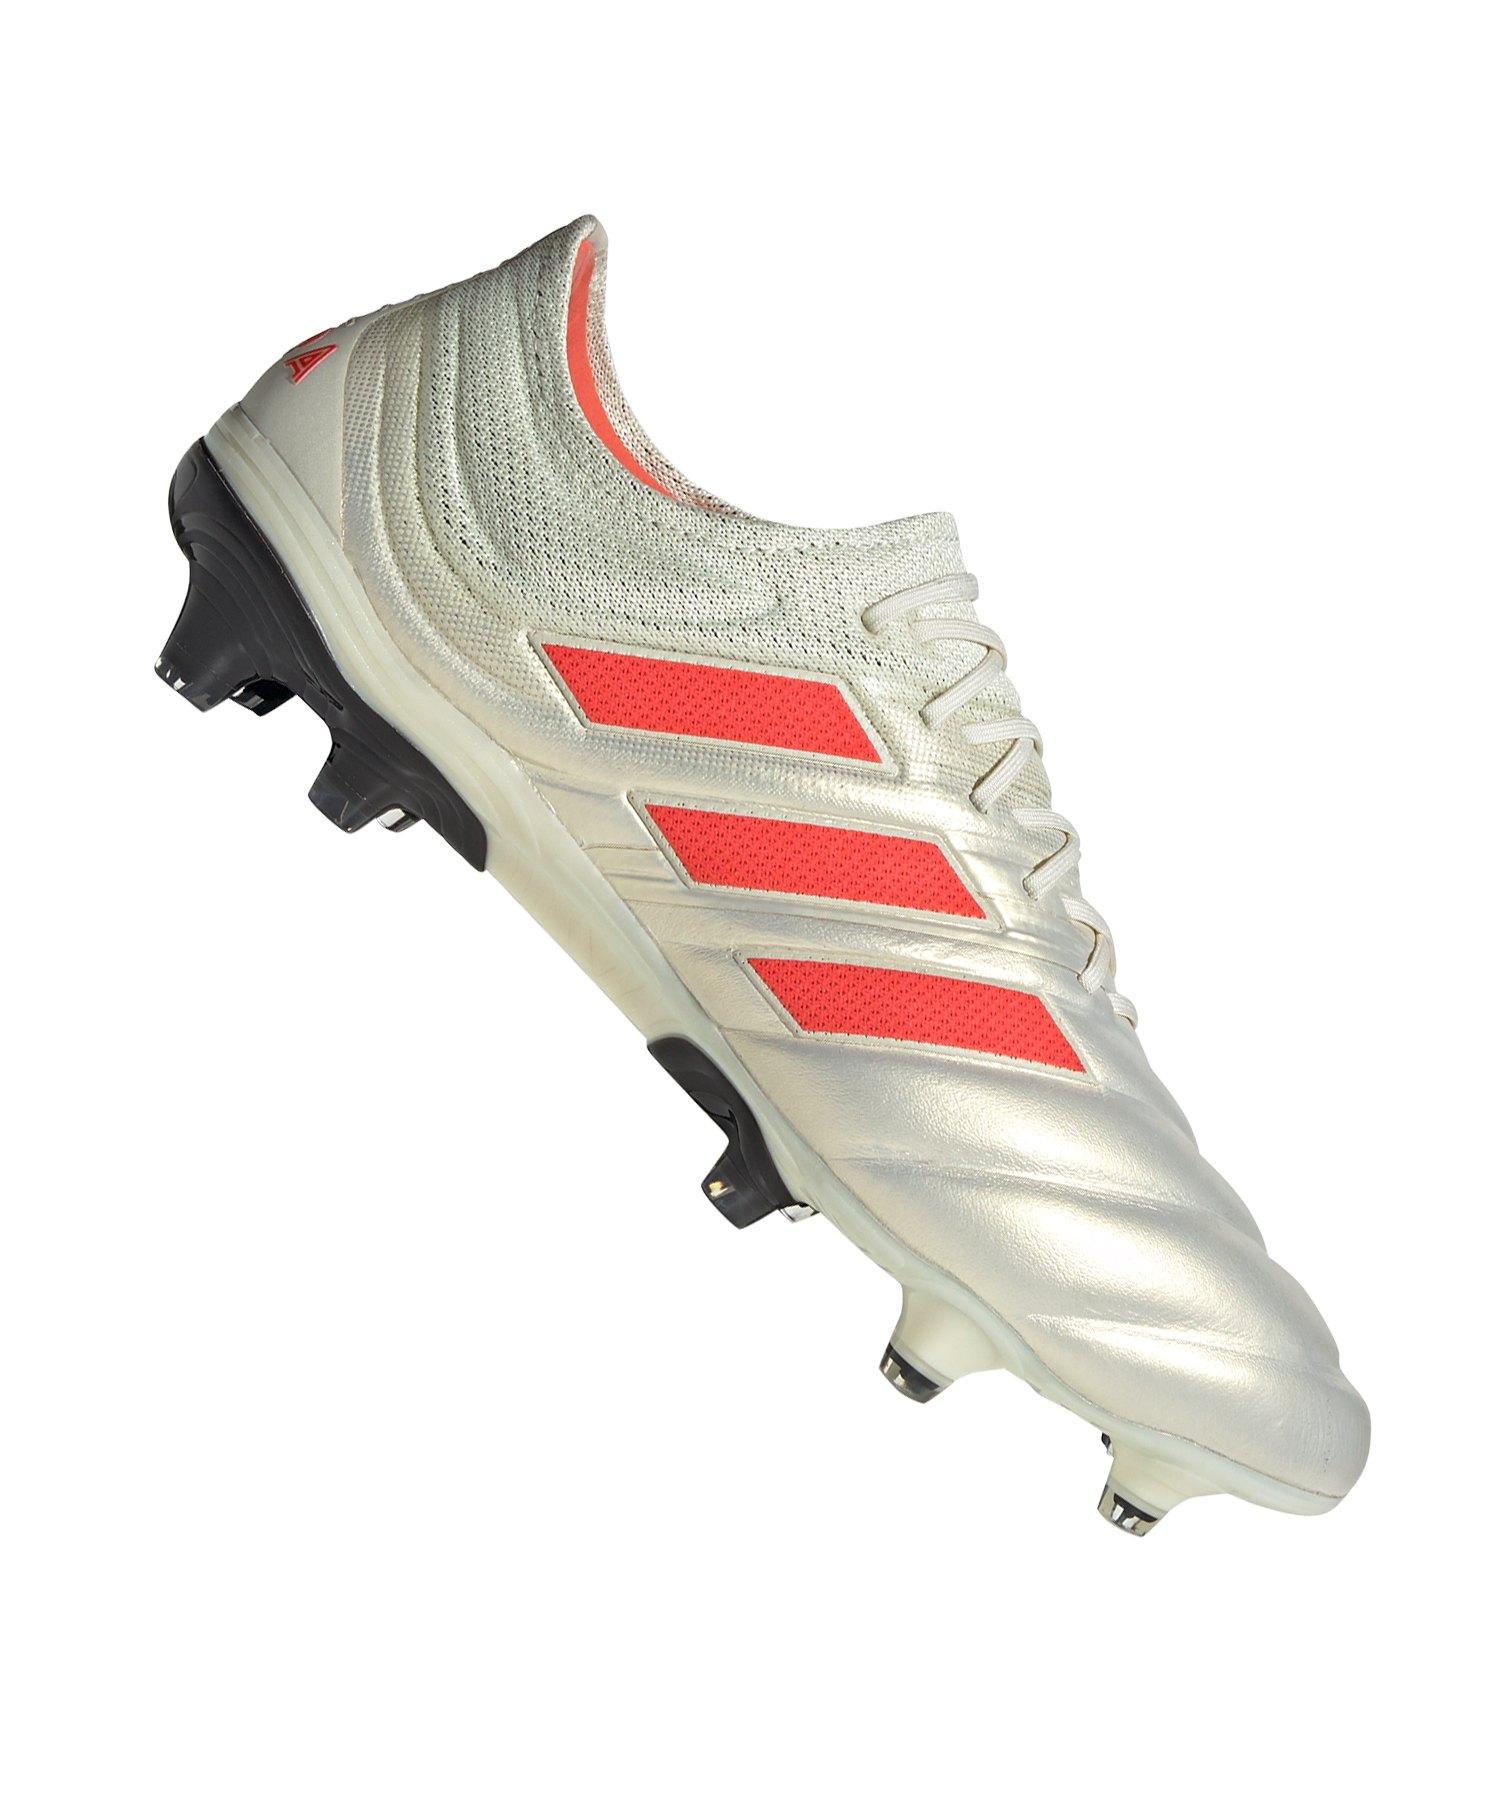 adidas COPA 19.1 FG Weiss Rot - weiss